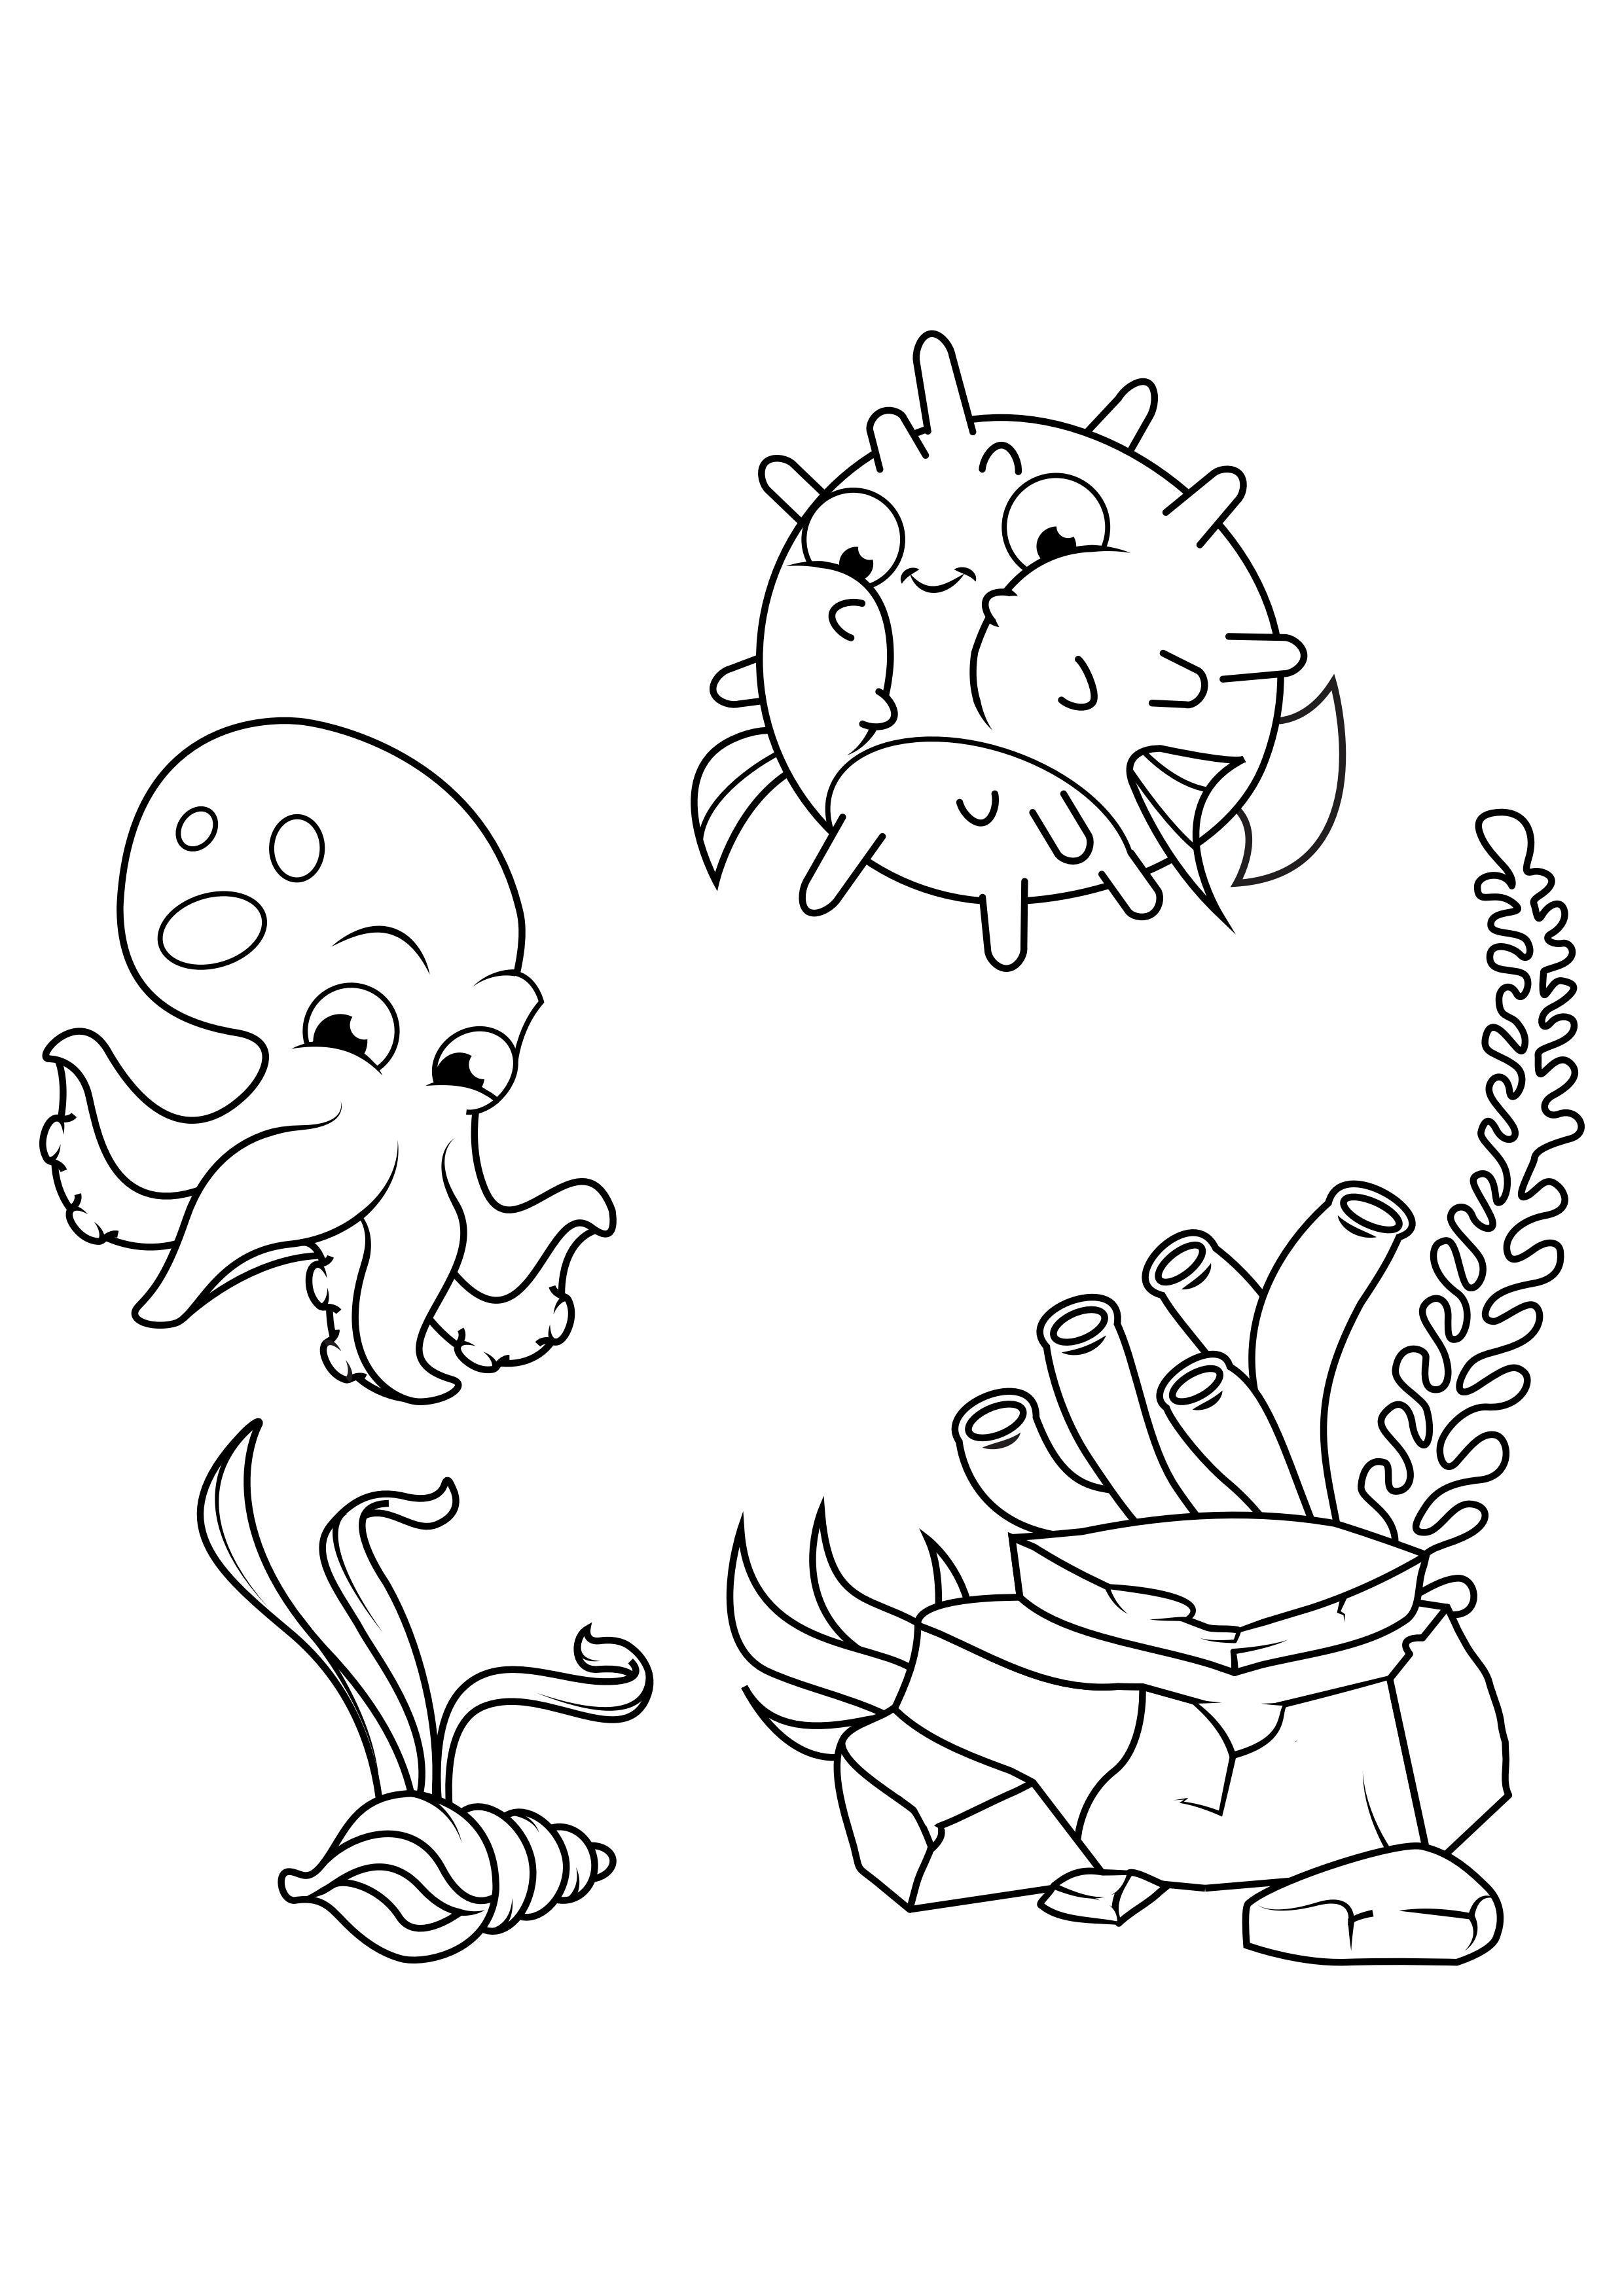 Malvorlage Tintenfisch- und Kugelfische schwimmen herum